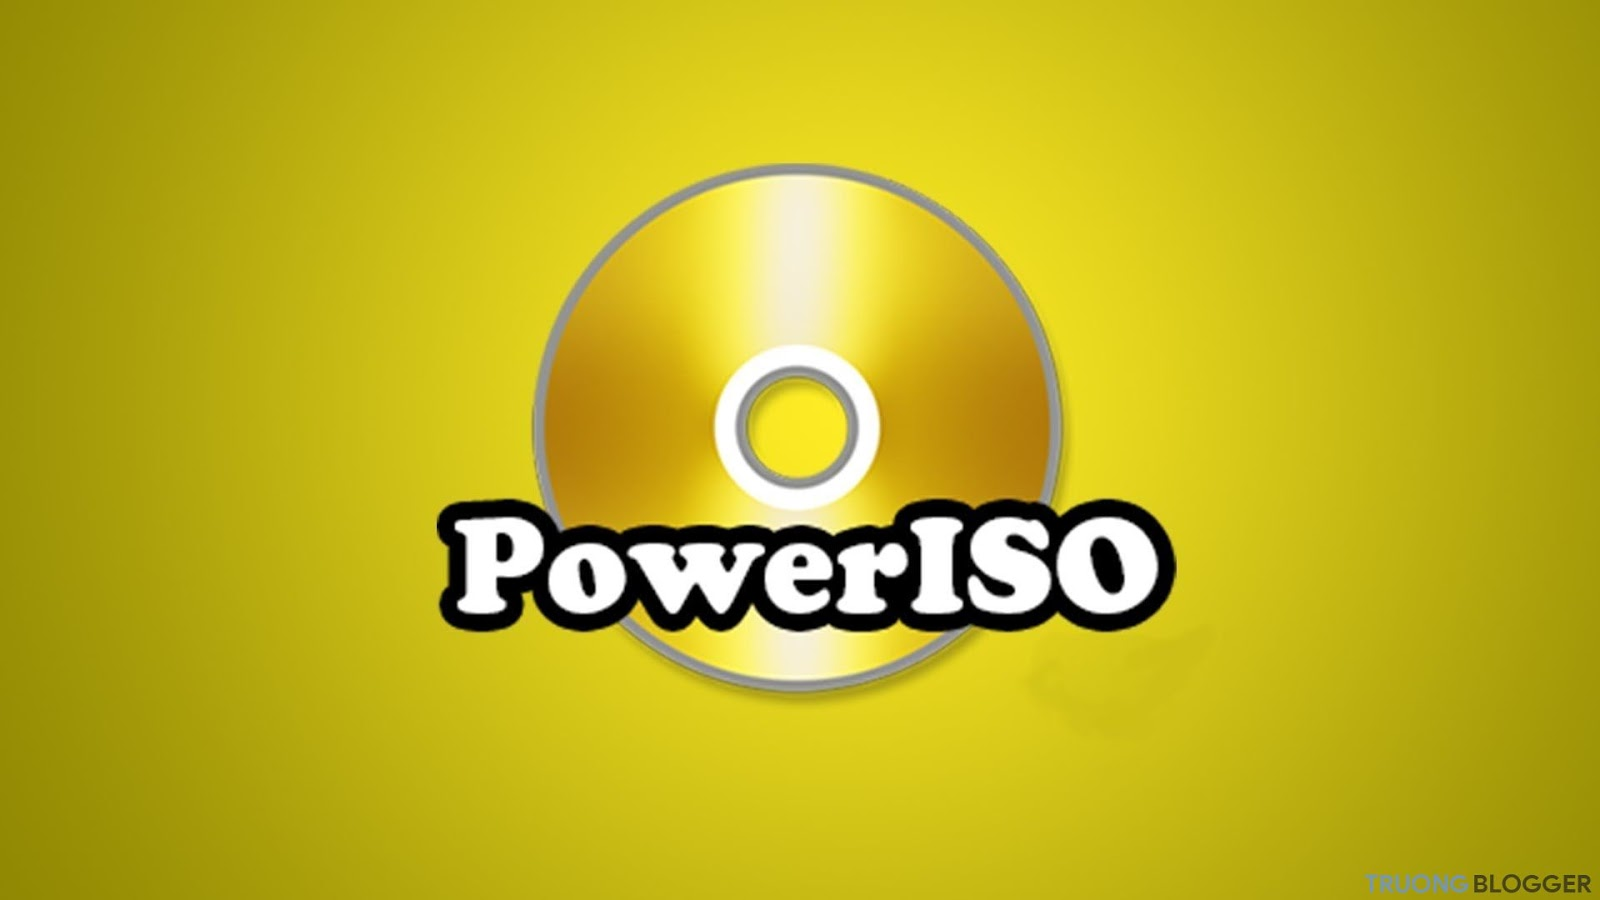 PowerISO Full mới nhất - Phần mềm tạo ổ đĩa ảo xử lý file ISO nhanh chóng